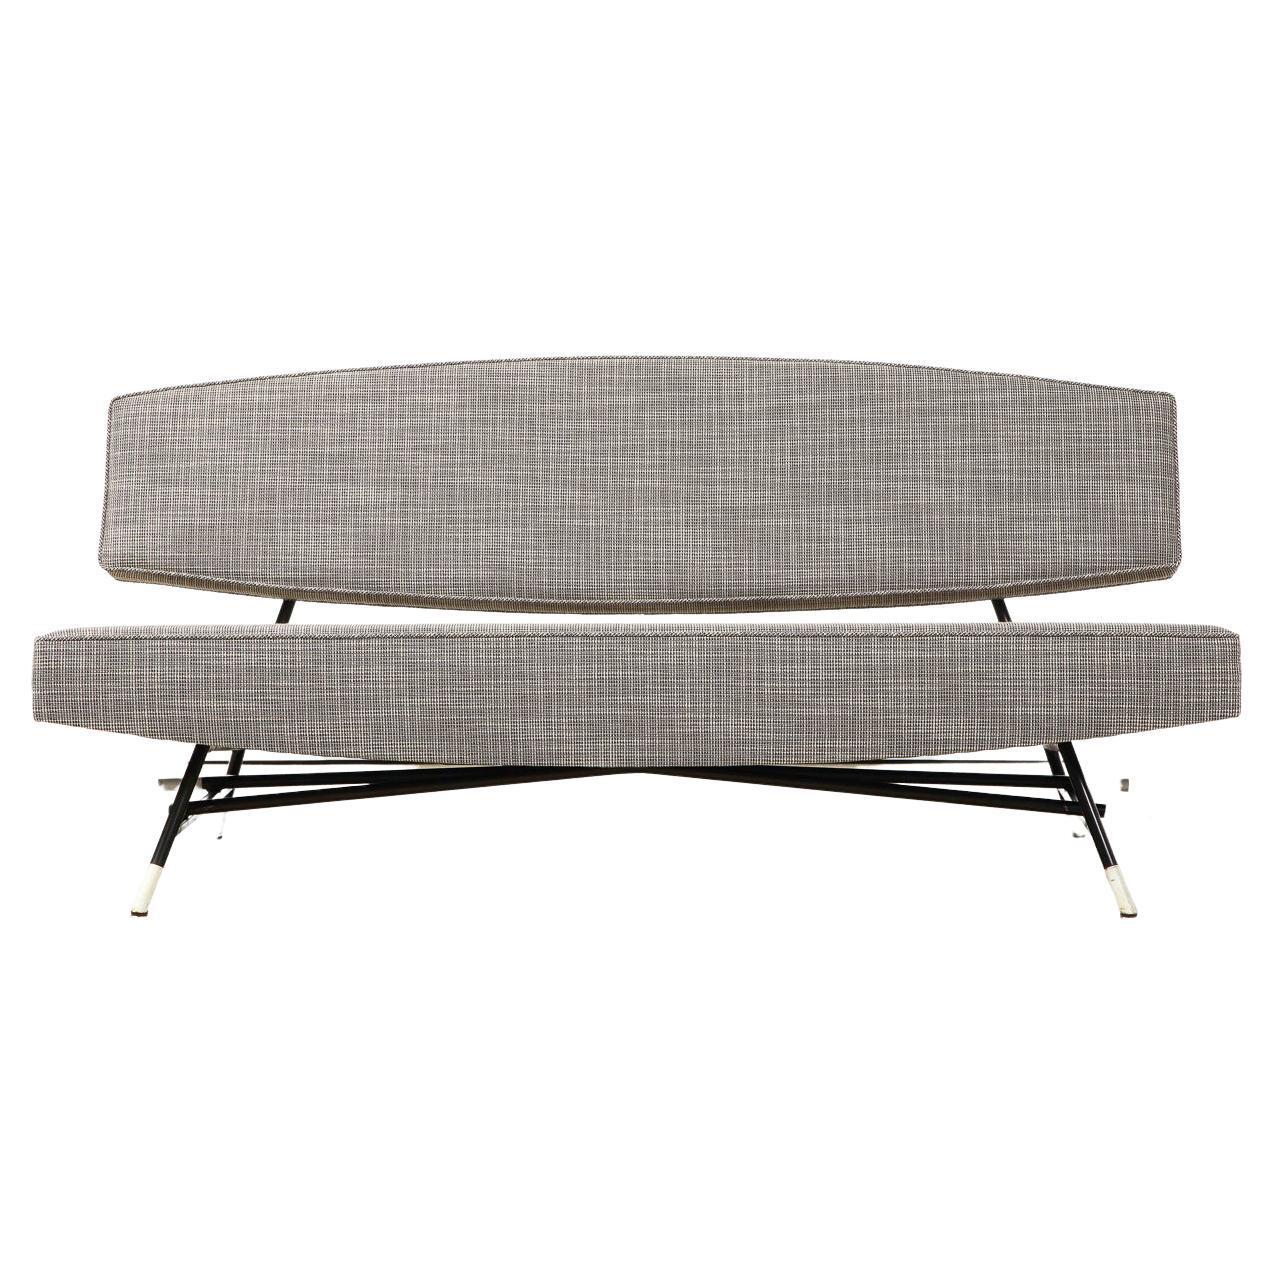 Ico Parisi Sofa